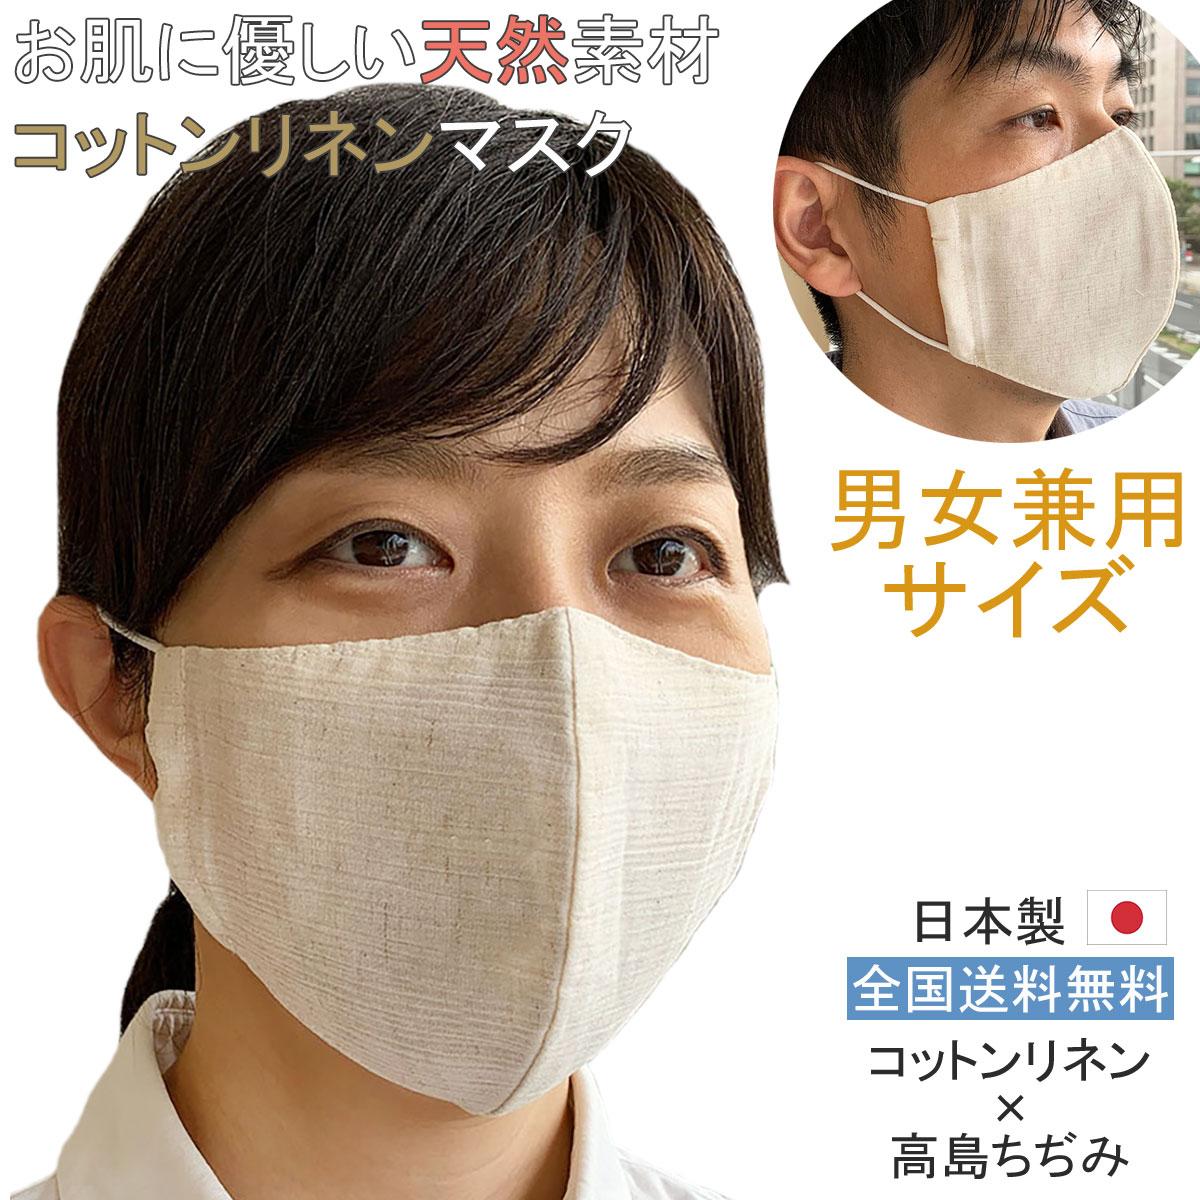 不織布マスクがつらい方にぜひ 表面は綿麻 初売り 肌側に高島ちぢみを使用した布マスクです 天然素材でお肌にも優しい 洗って繰り返し使用可 男女問わずお使いいただけます 日本製 布マスク 夏用 大きめ コットンリネン リネン 立体マスク Y437 天然 購入 涼感 あす楽 高島ちぢみマスク 送料無料 ナチュラルベージュ シンプル 就寝 敏感肌